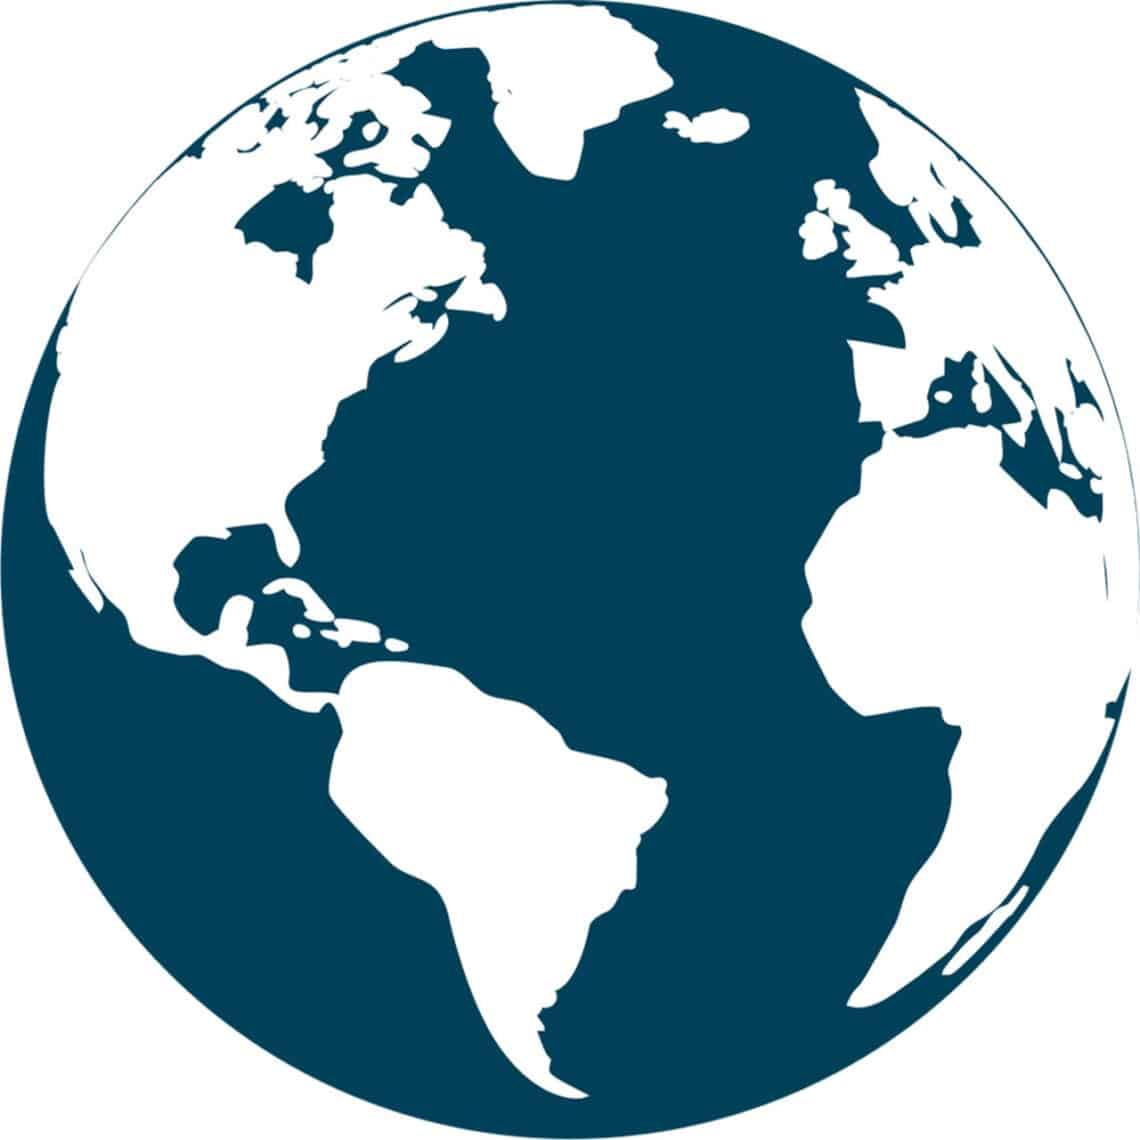 Contactez Notre Expert Linvosges Hôtellerie Pour L'export